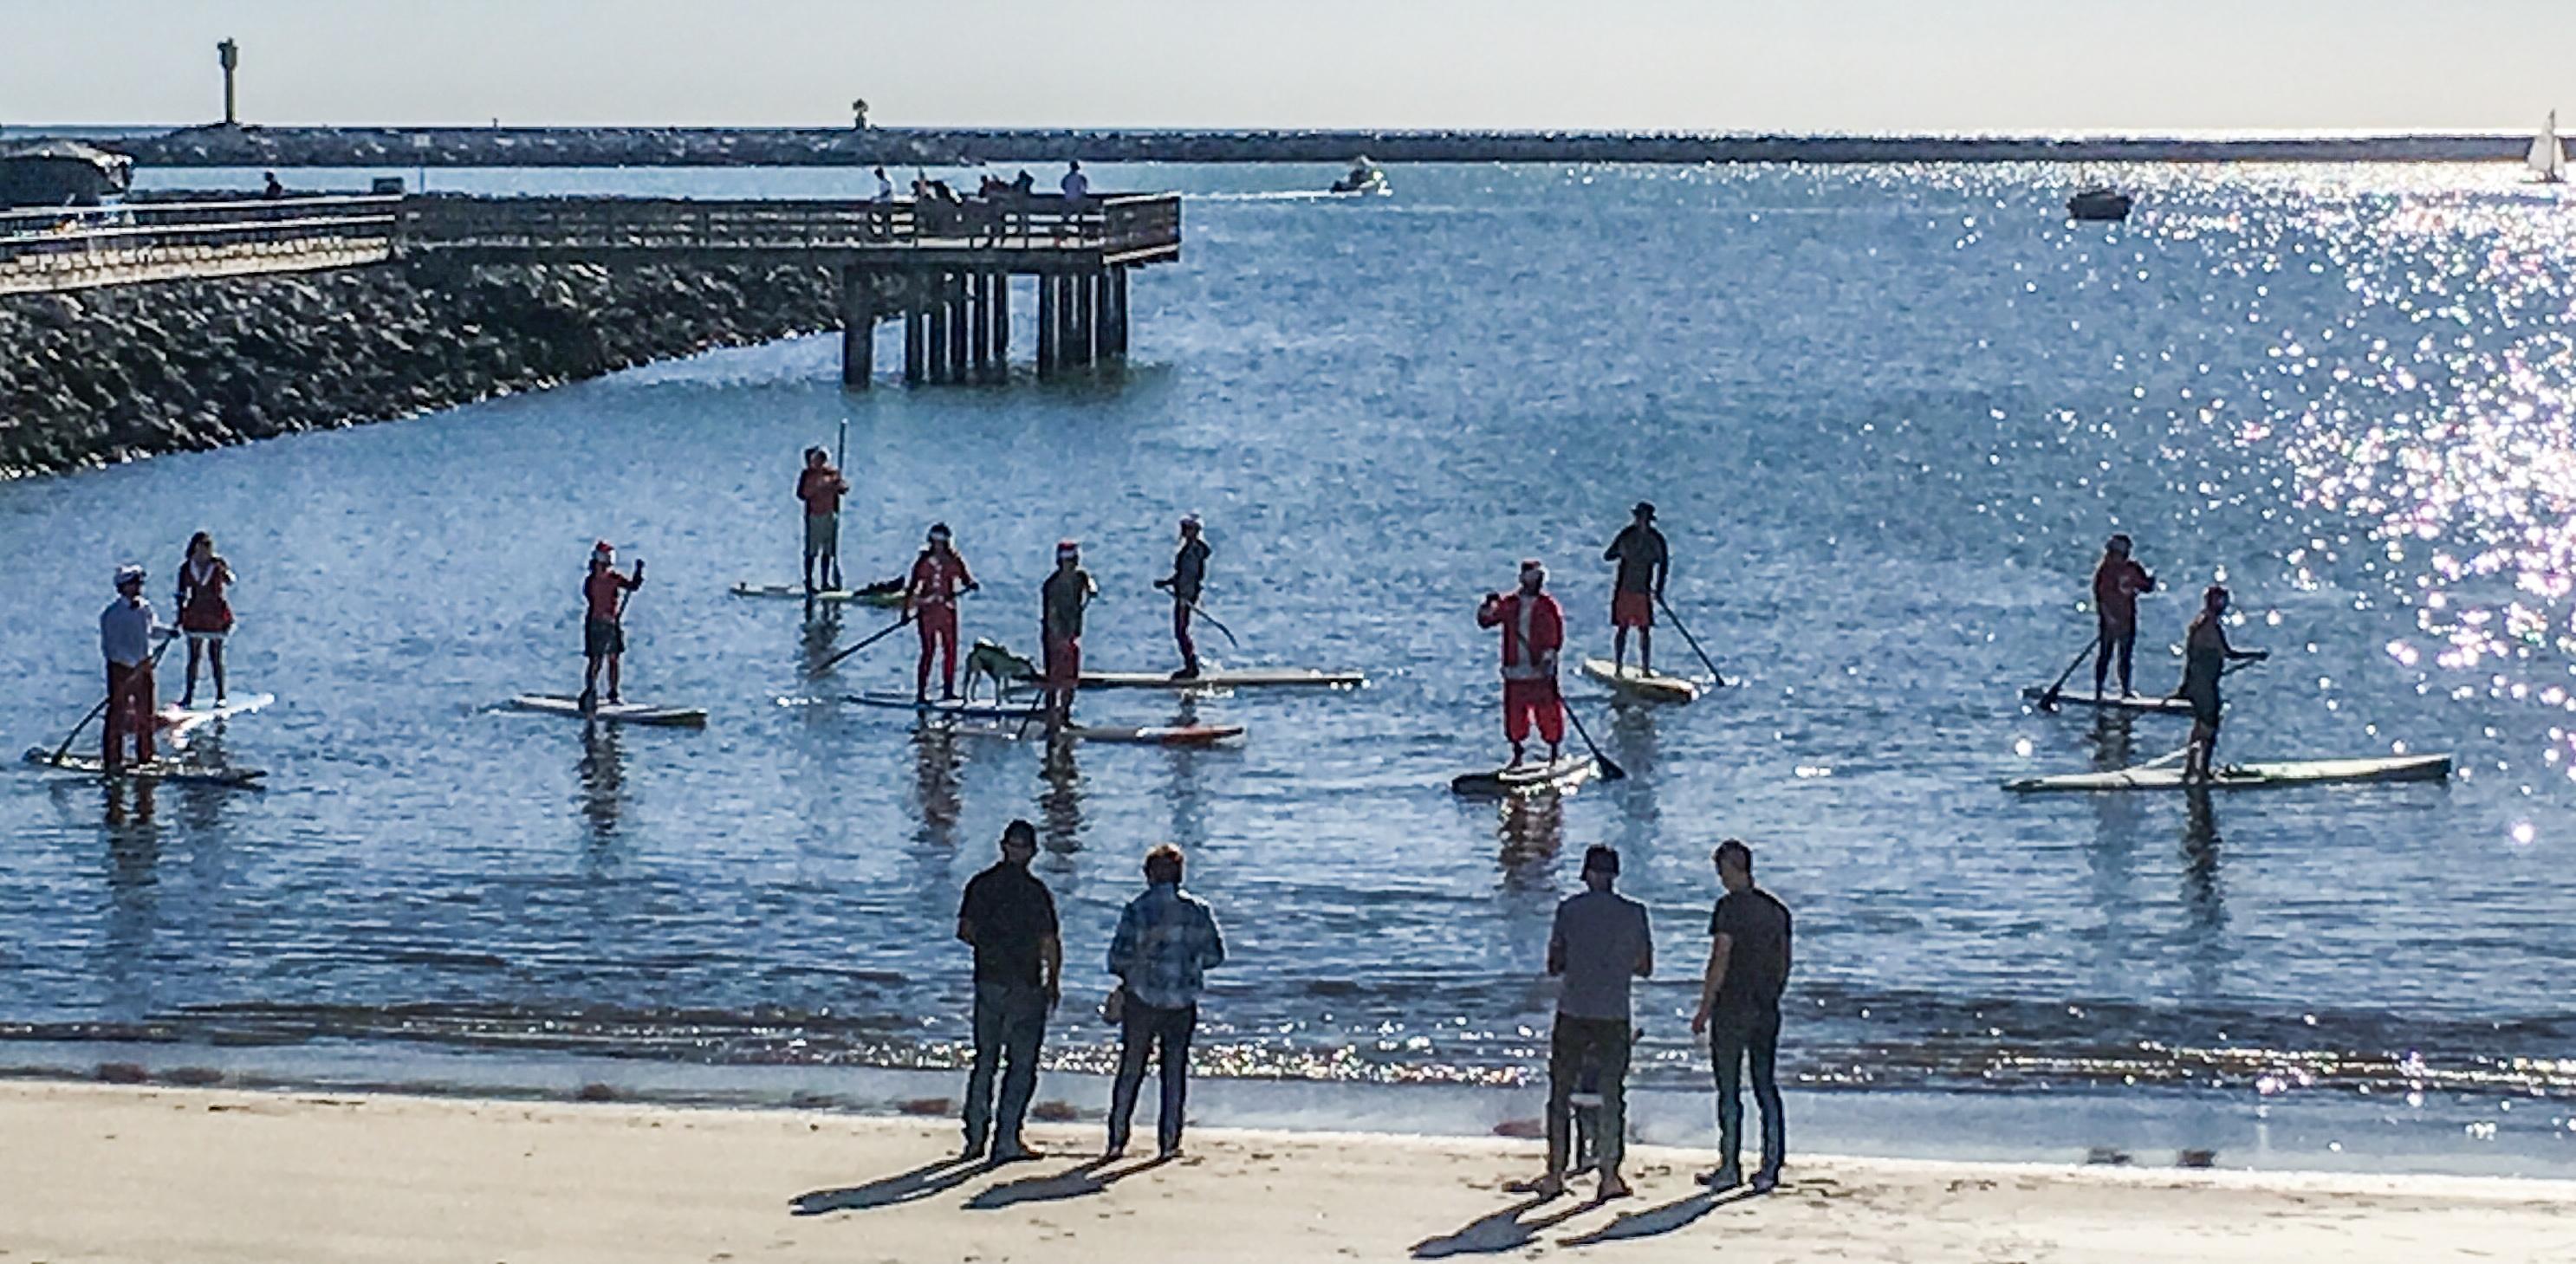 Paddle boarding Santas at the Half Moon Bay Yacht Club Dan Page / CoastsideSlacking